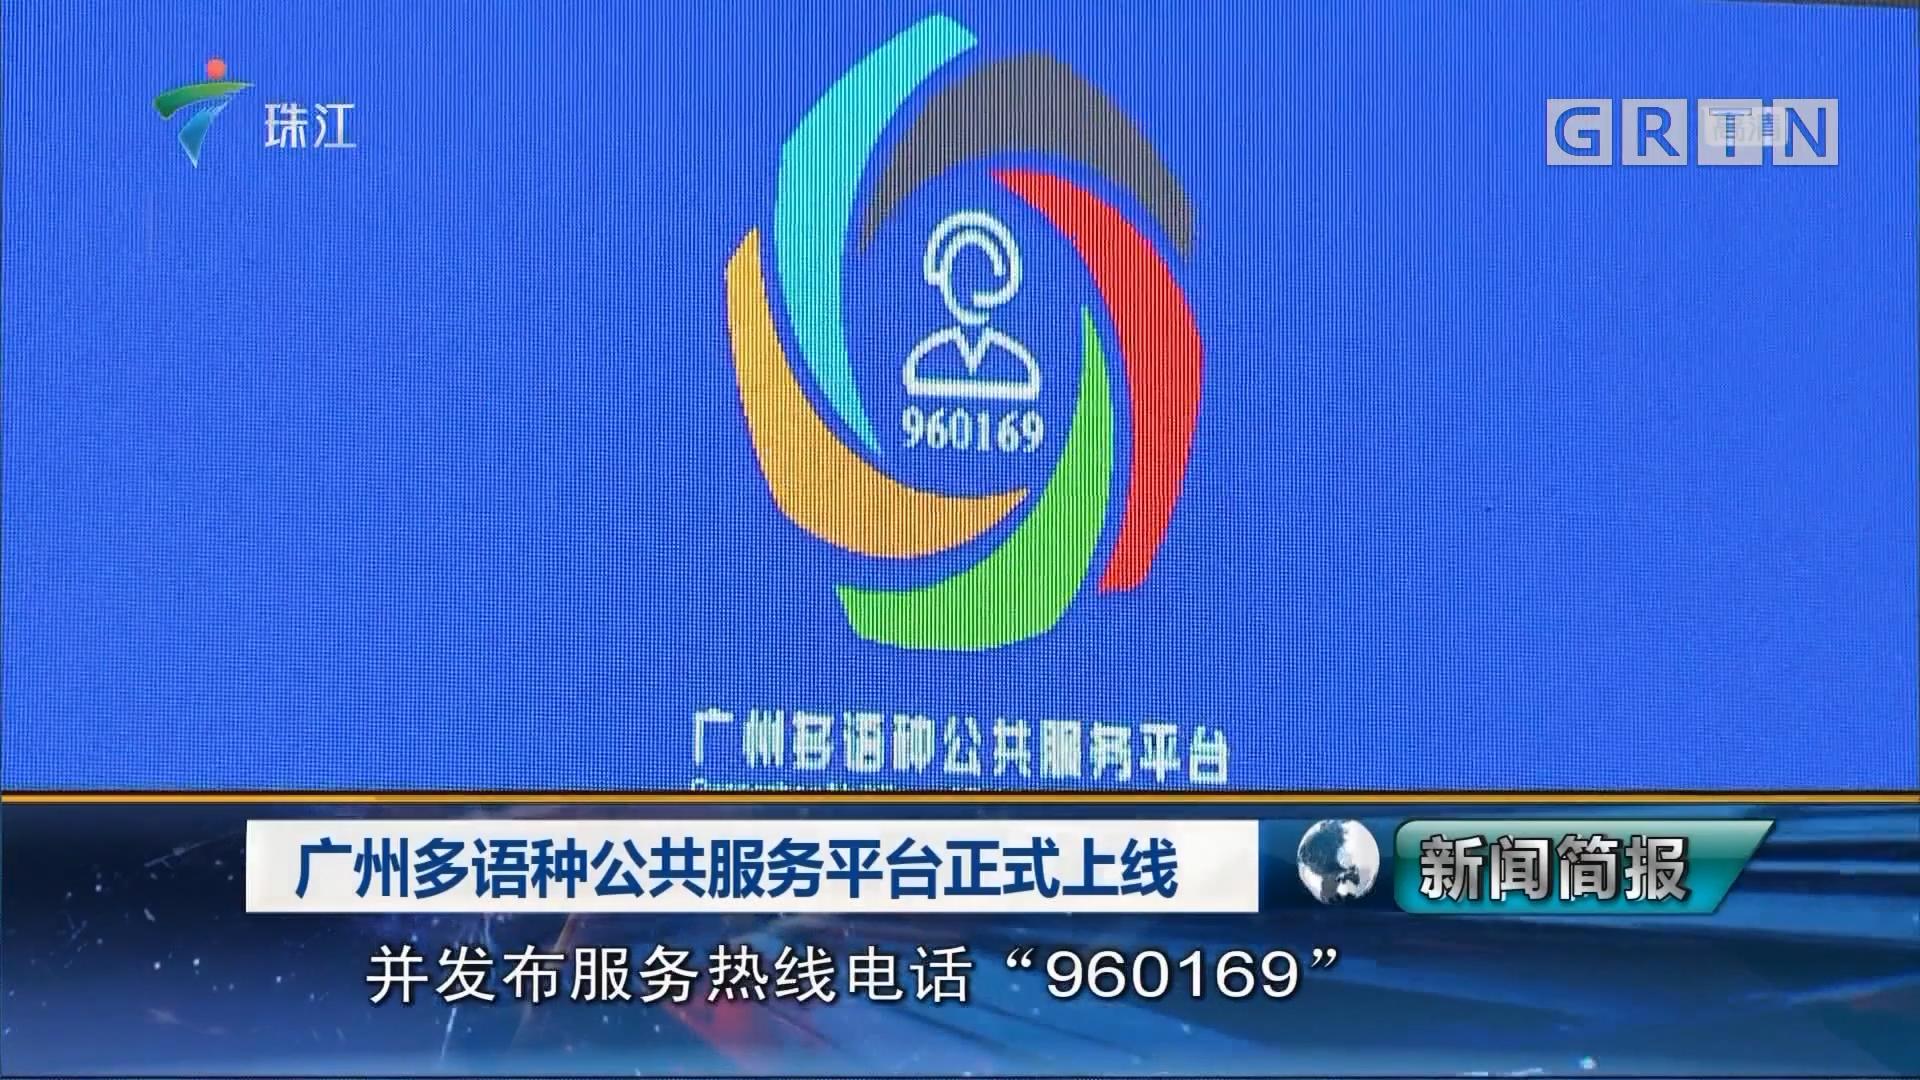 广州多语种公共服务平台正式上线